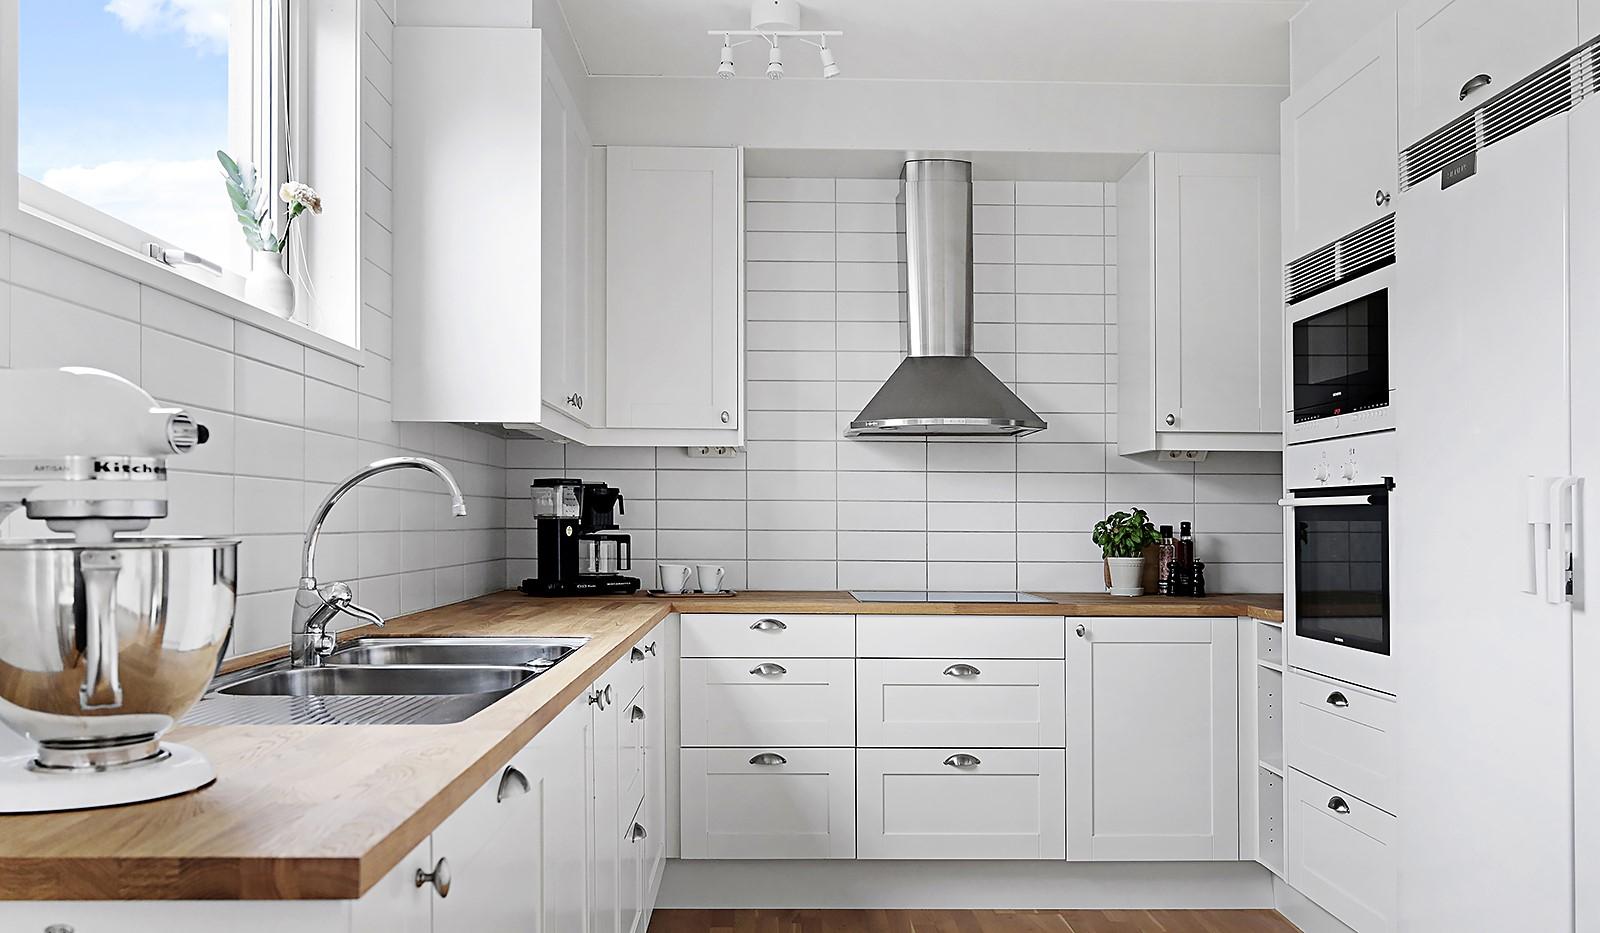 Grönbrinksgatan 8, 6 tr - Stilrent och modernt kök